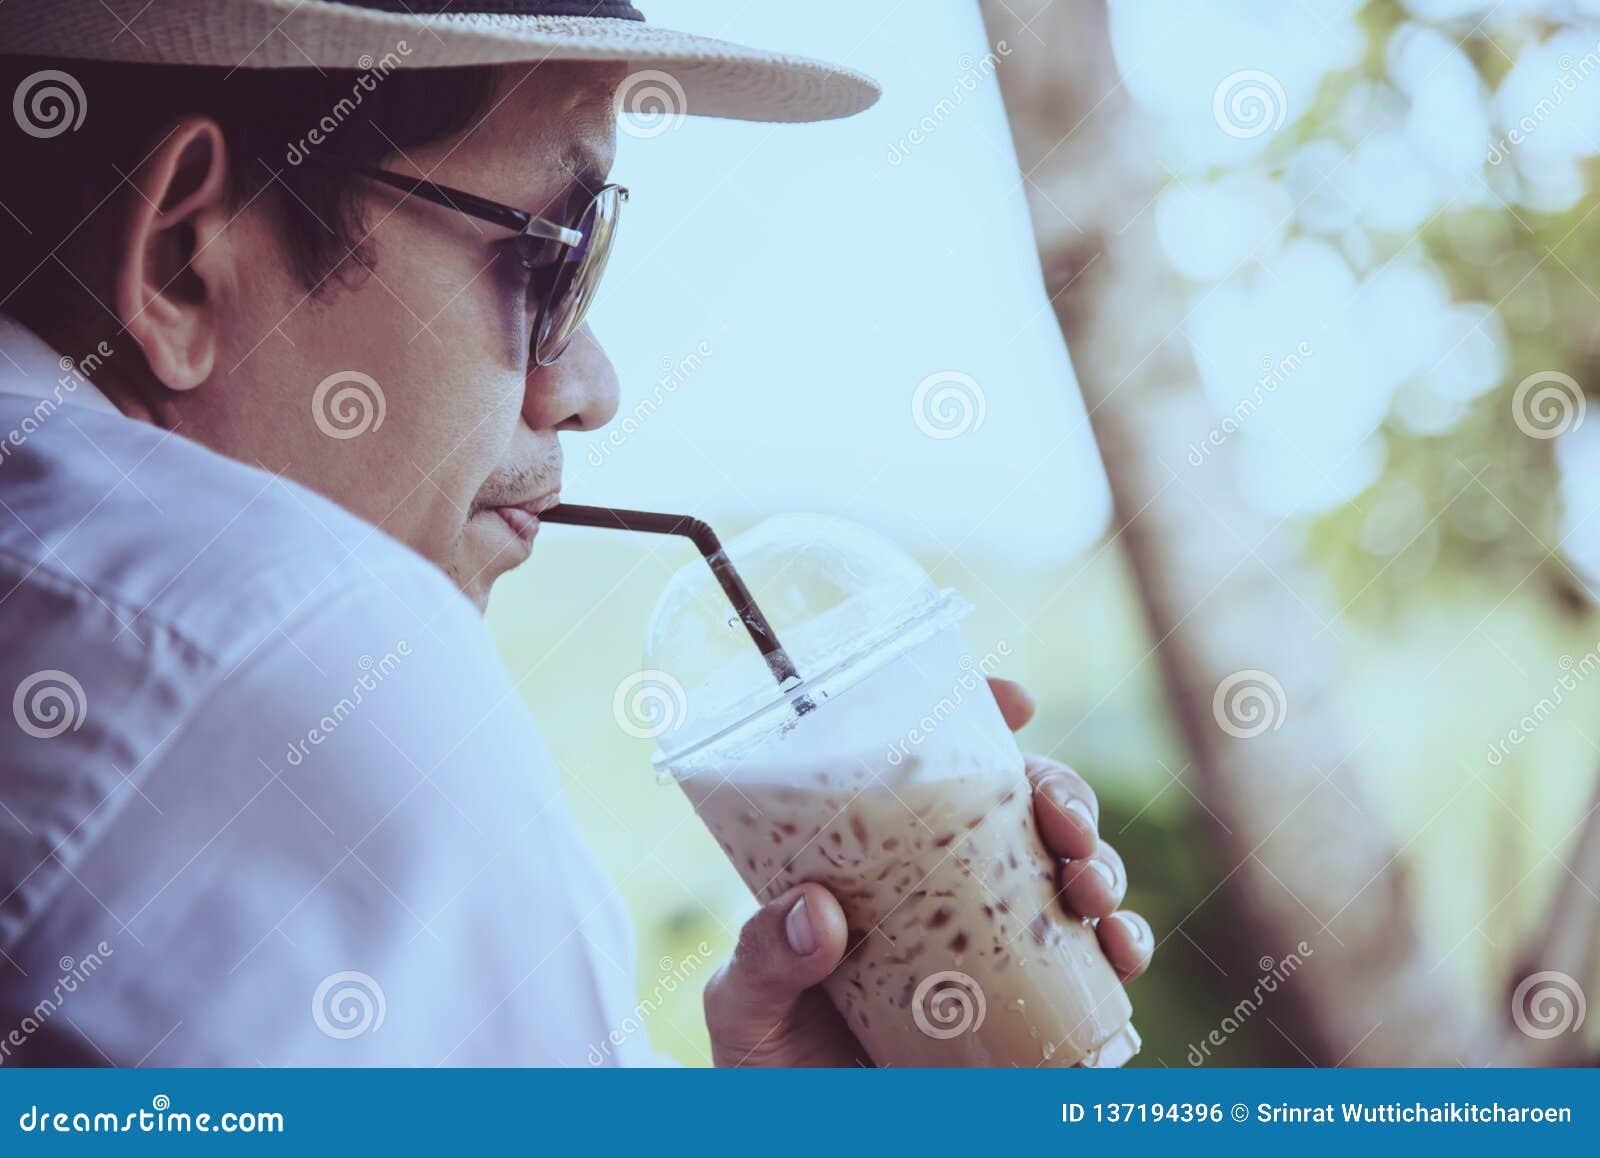 愉快偶然亚洲人饮料冰冻咖啡本质上